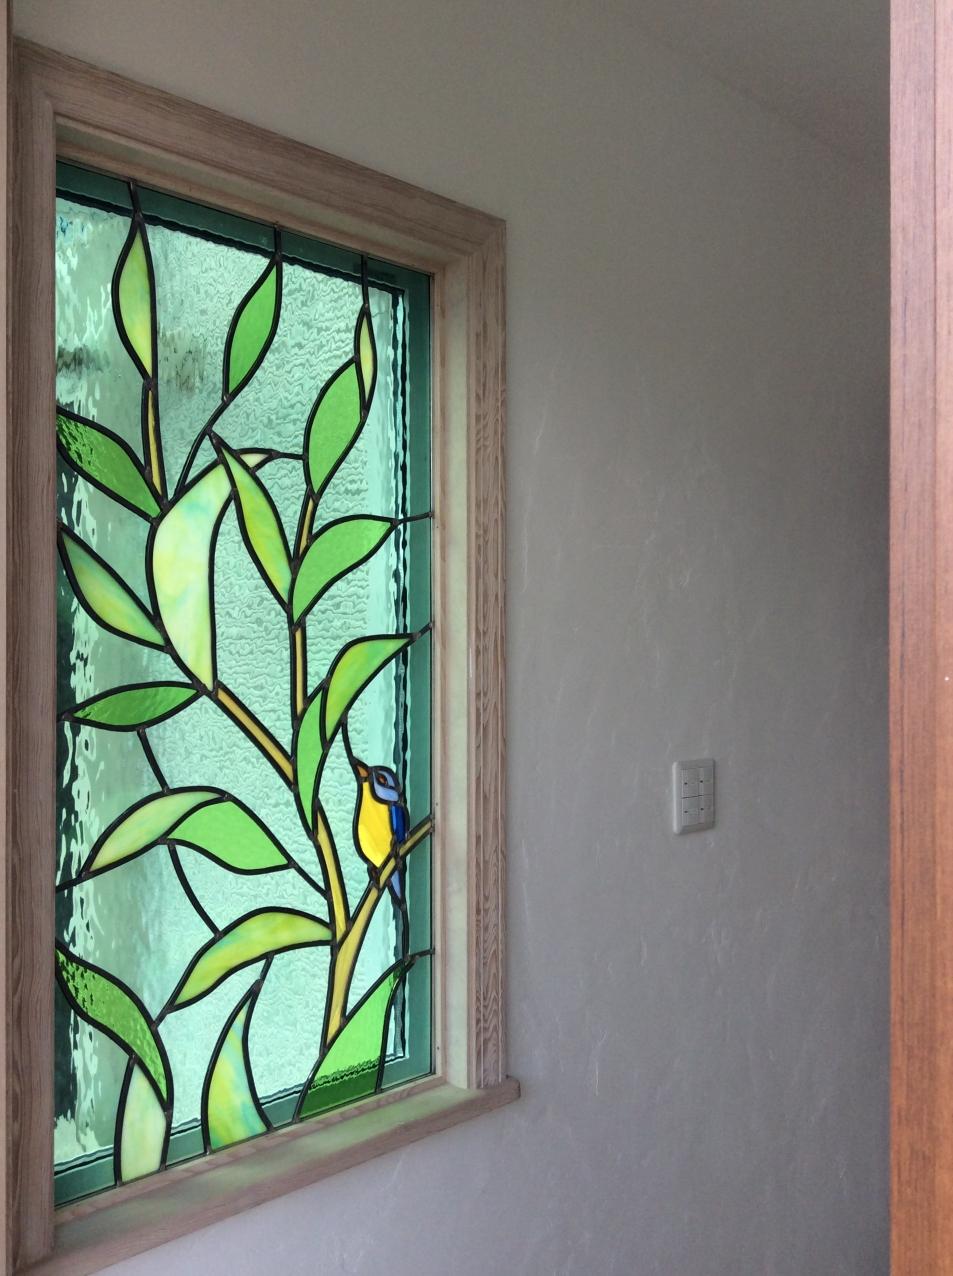 ナチュラルインテリアに鳥と植物をモチーフにした優しいデザインを